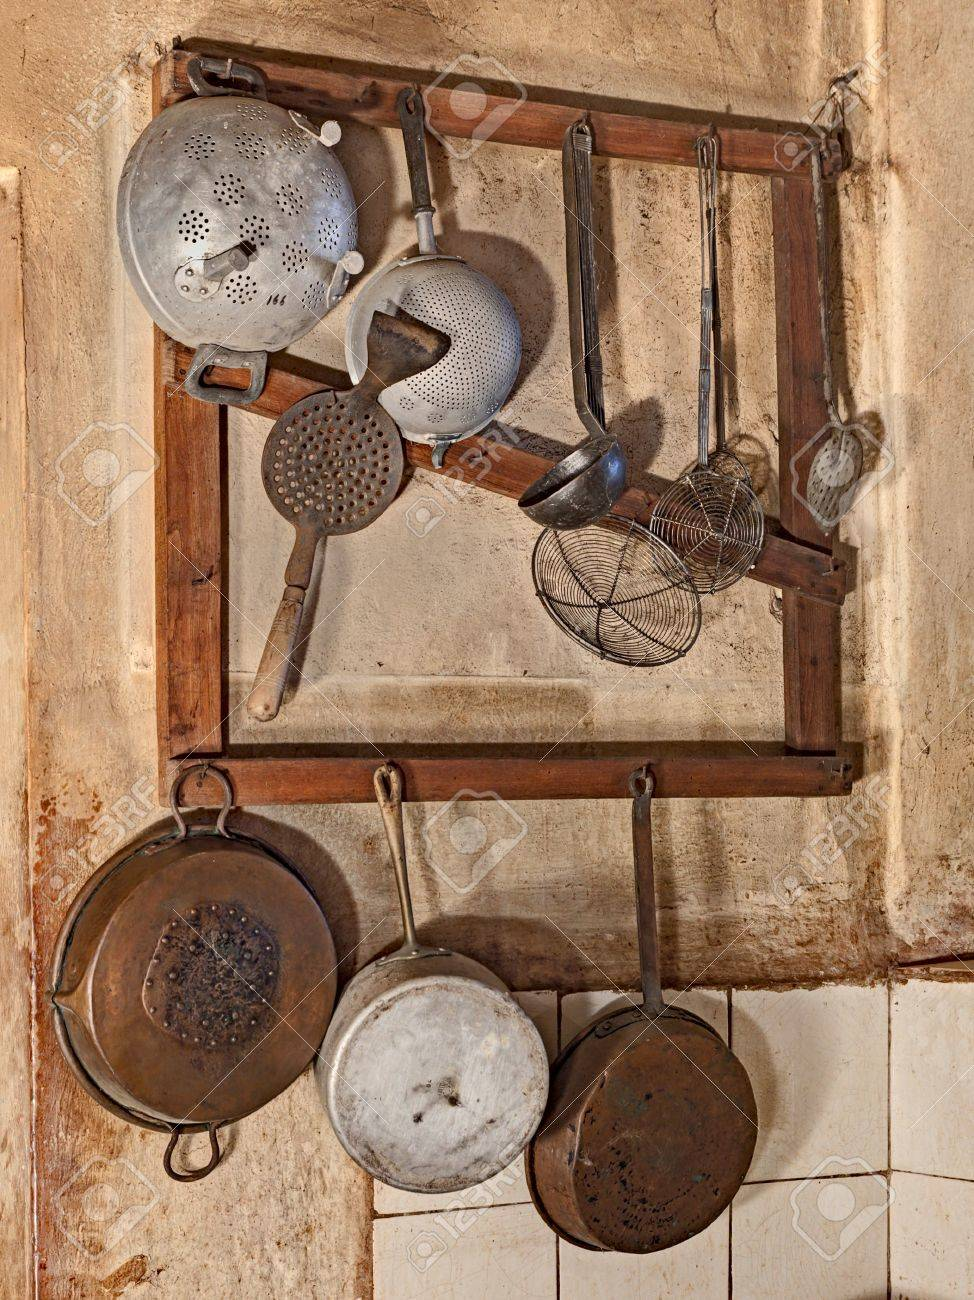 Immagini Stock - Utensili Da Cucina Appesi In Cucina Di Una Vecchia ...